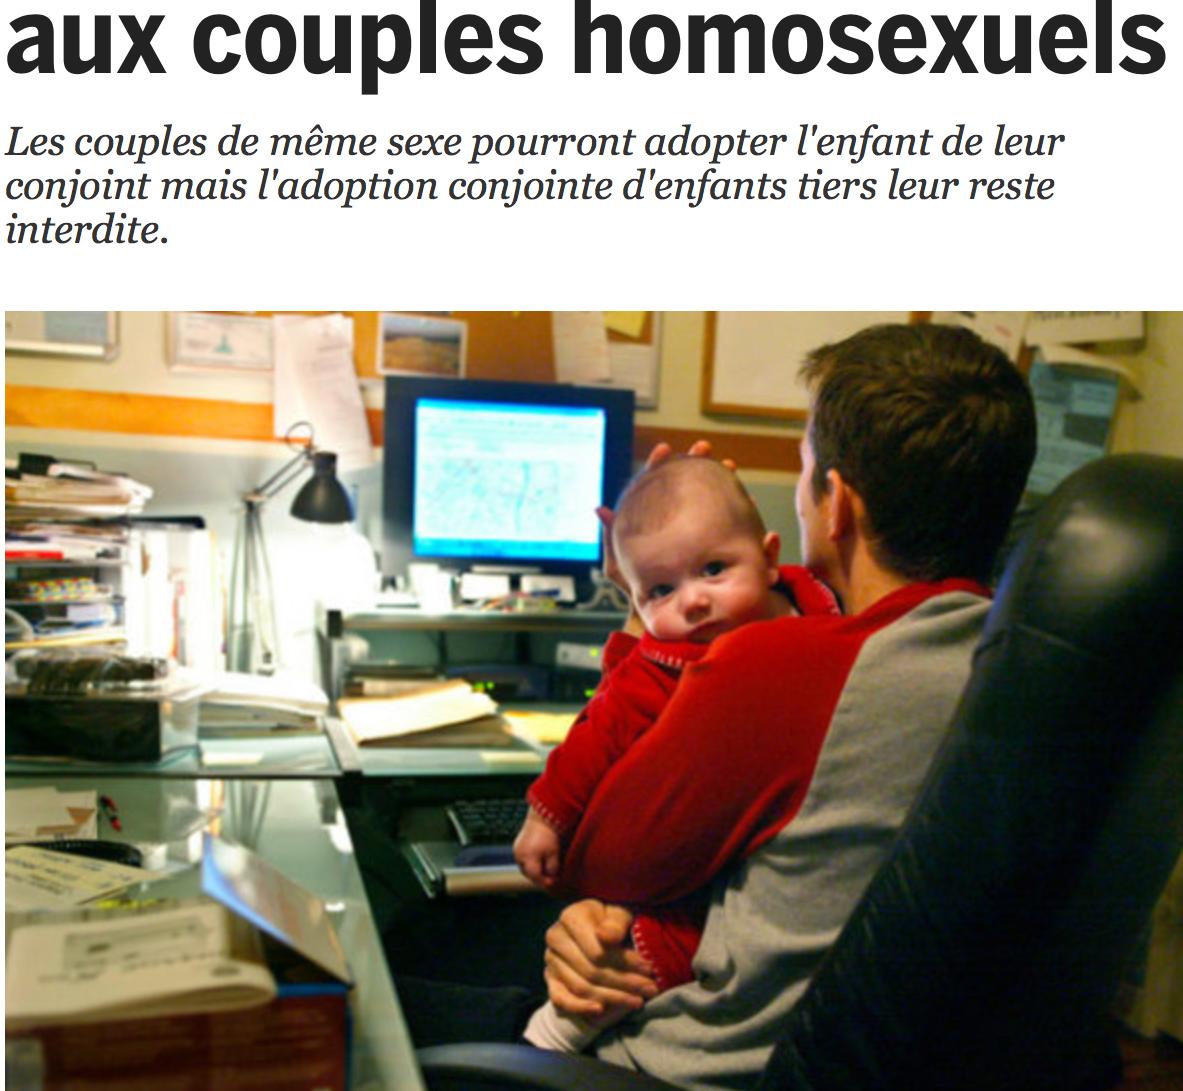 L'adoption s'entrouvre aux couples homosexuels